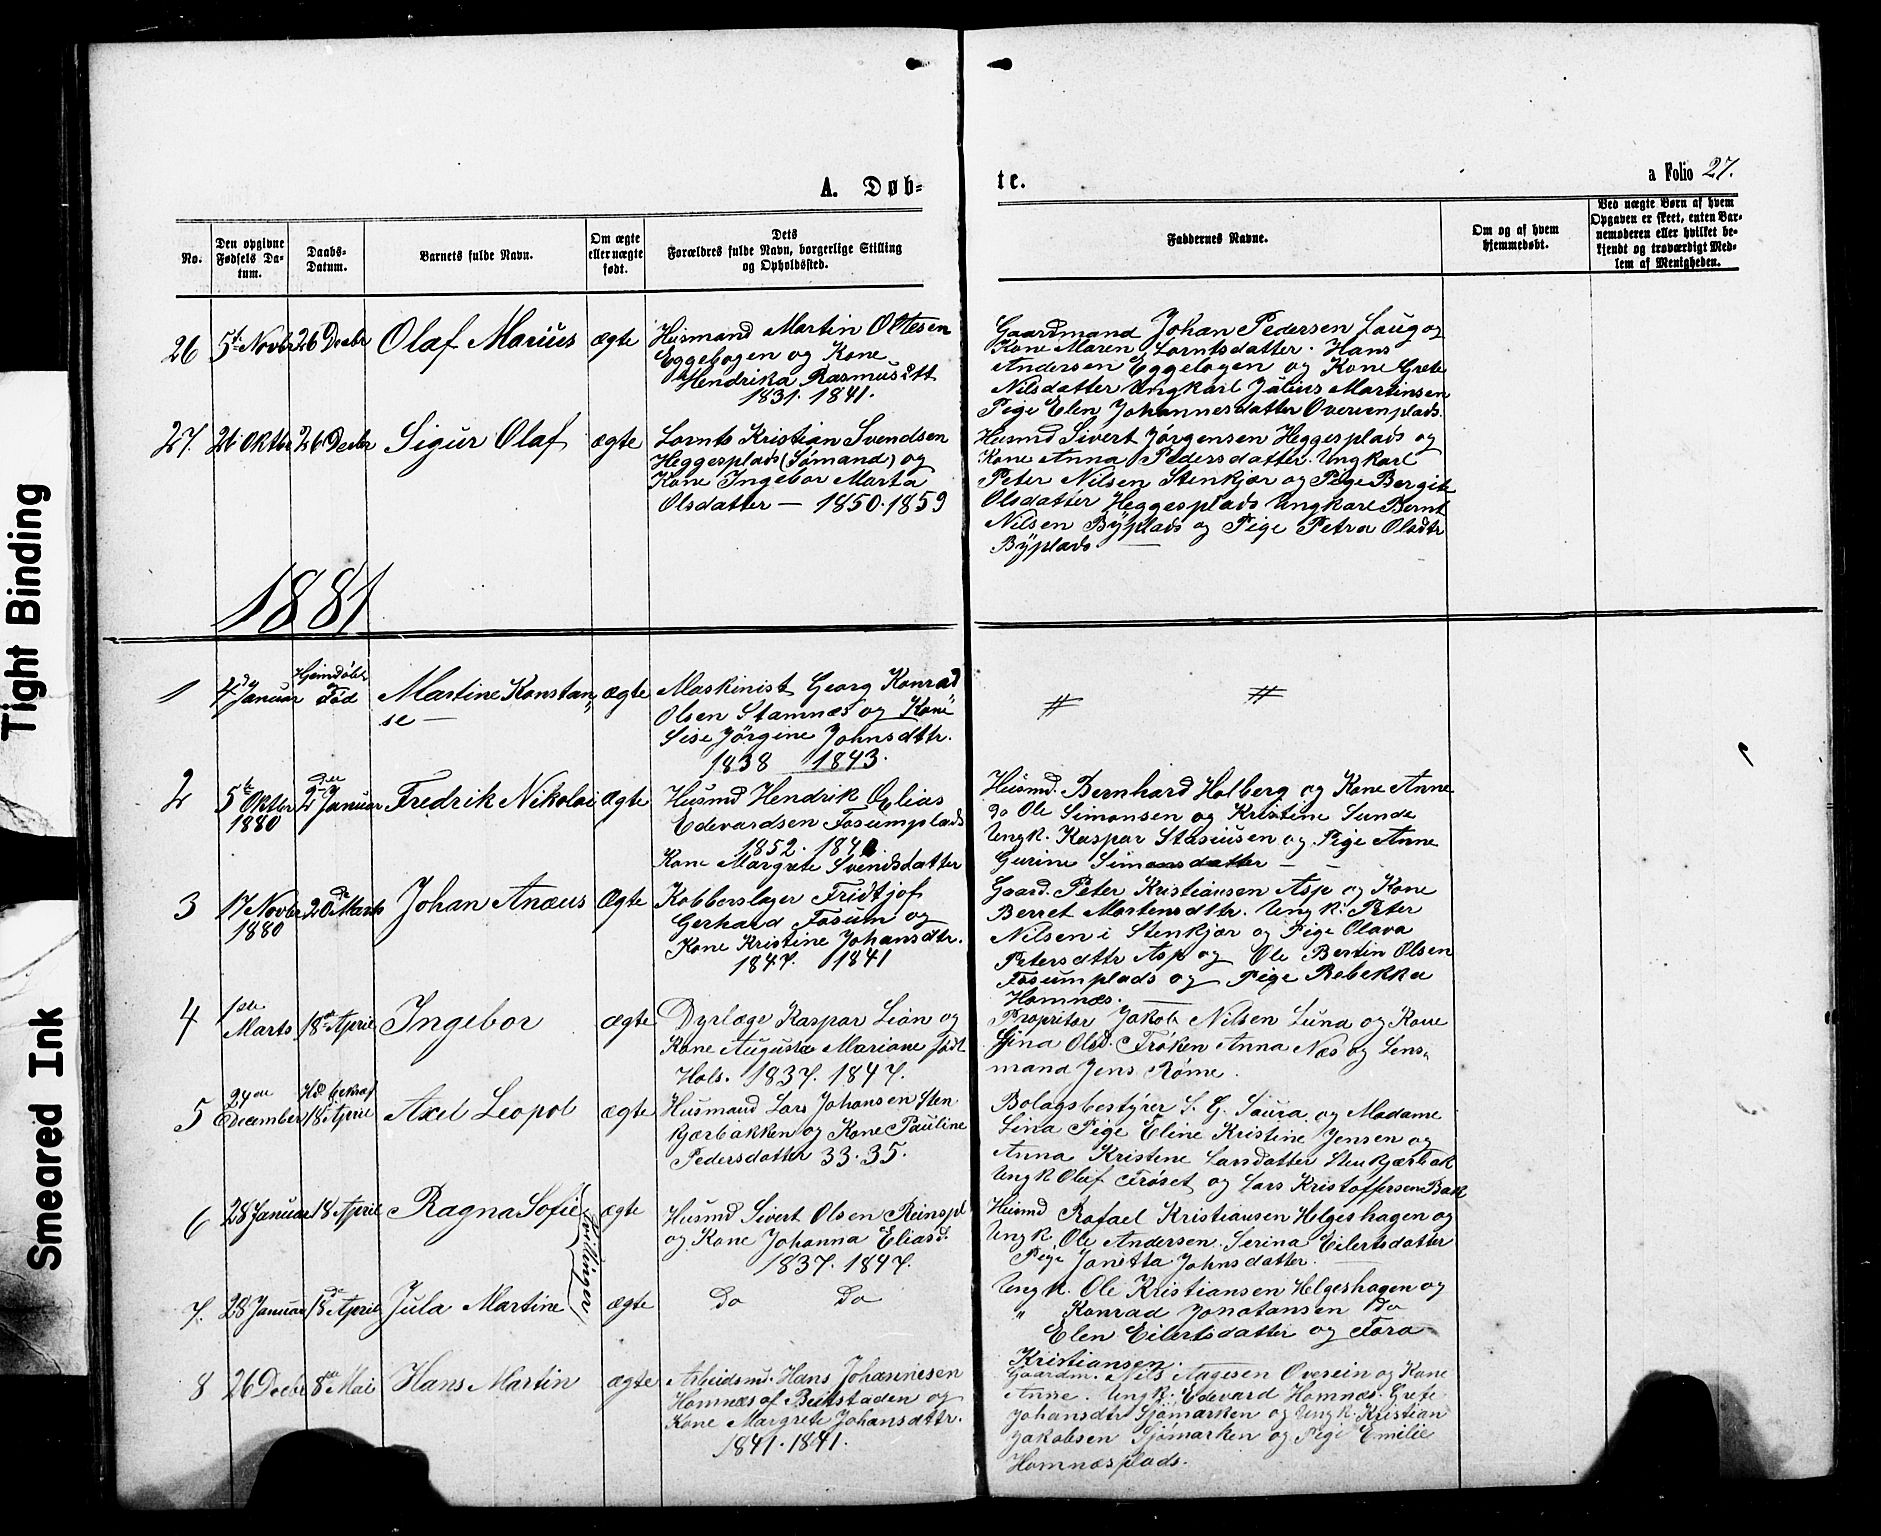 SAT, Ministerialprotokoller, klokkerbøker og fødselsregistre - Nord-Trøndelag, 740/L0380: Klokkerbok nr. 740C01, 1868-1902, s. 27